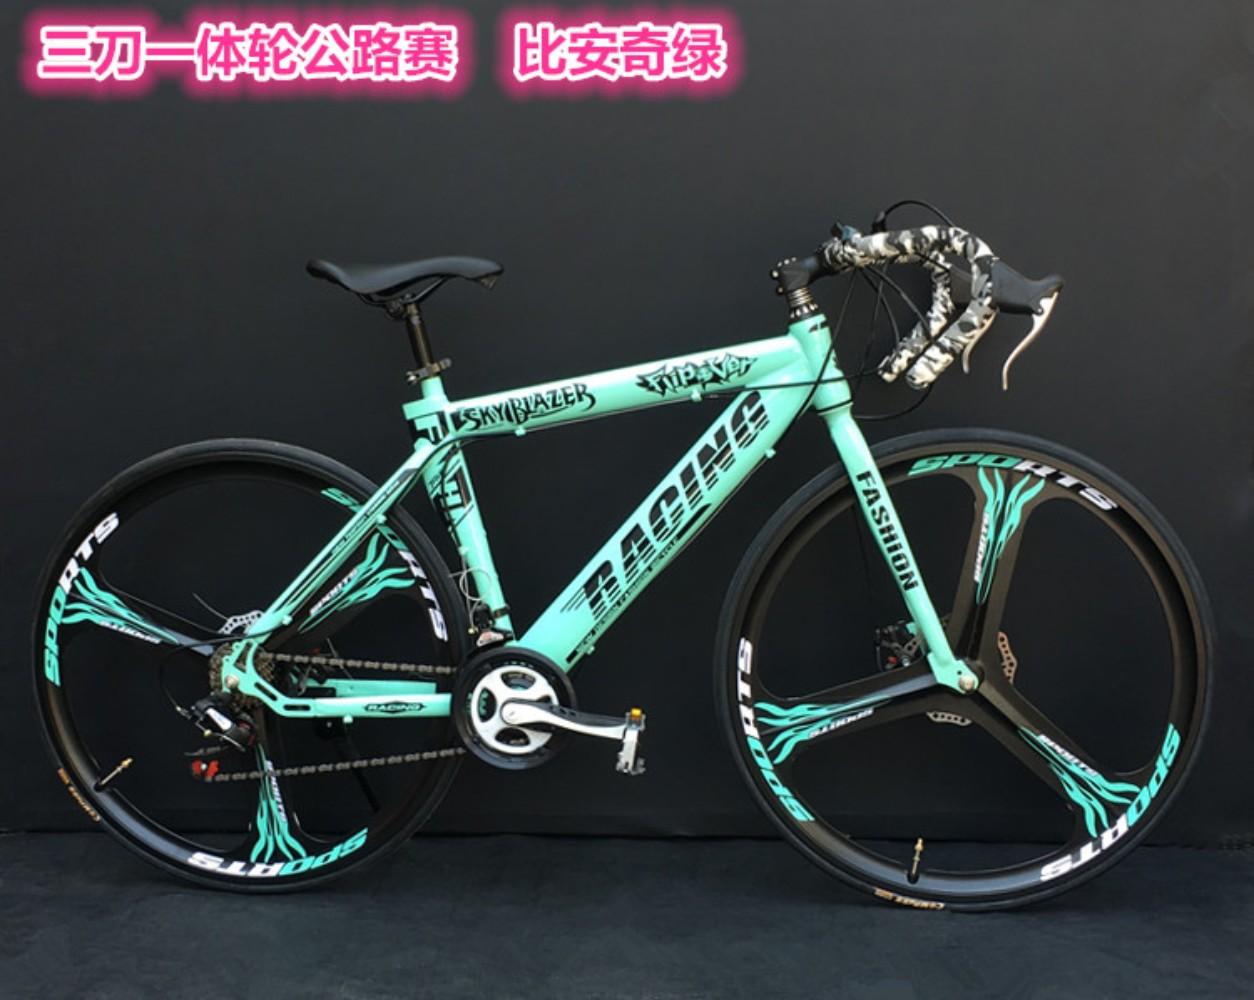 로드 자전거 남성 레이스 솔리드 더블 디스크 학생 여성 성인 26인치, 3륜로드 레이스 Bianchi 그린 21단